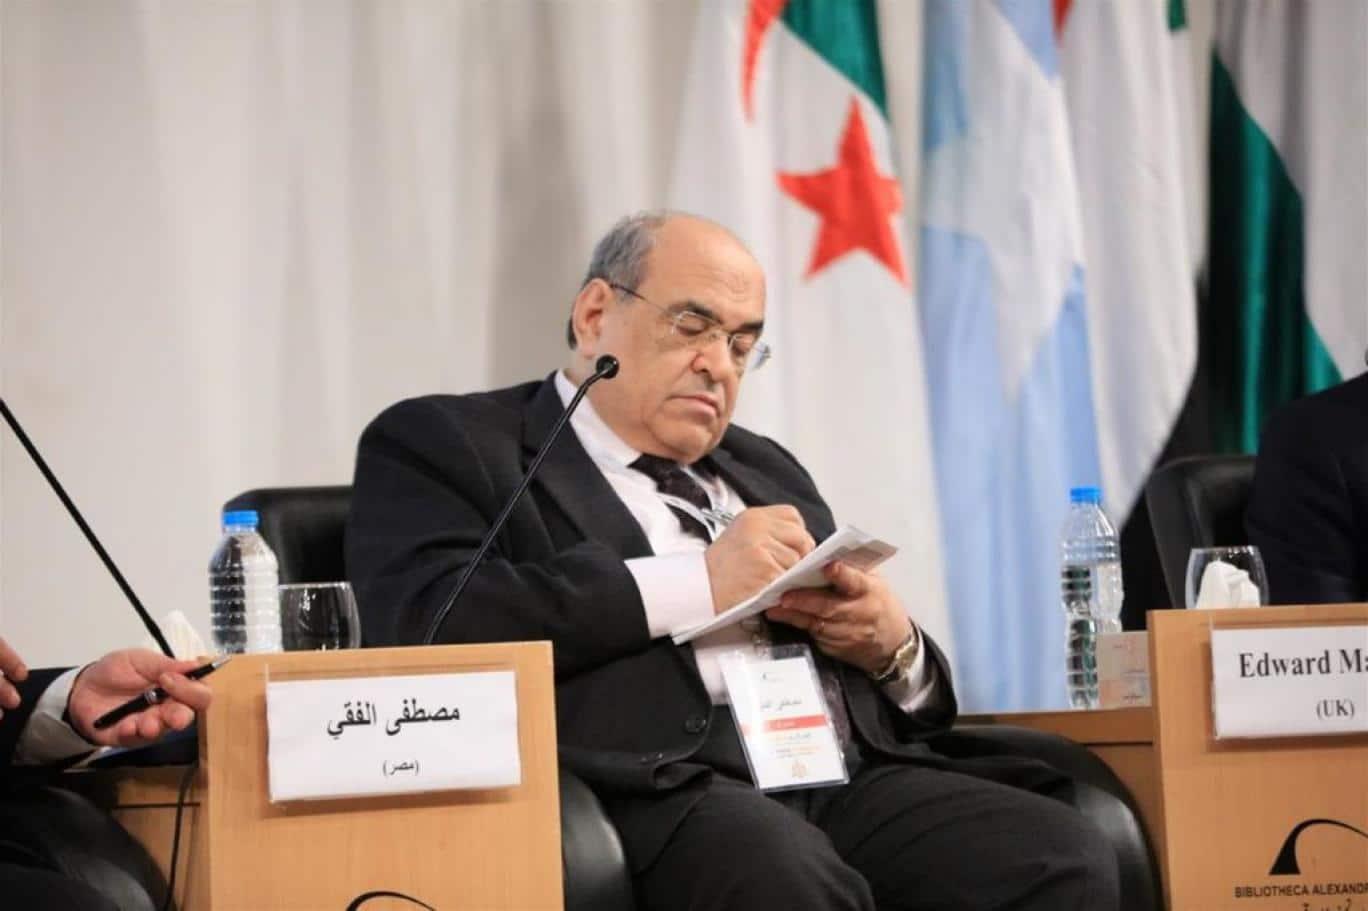 دبلوماسي مصري يكشف أوراقا لم تستخدمها مصر في أزمة سد النهضة حتى الآن؟!